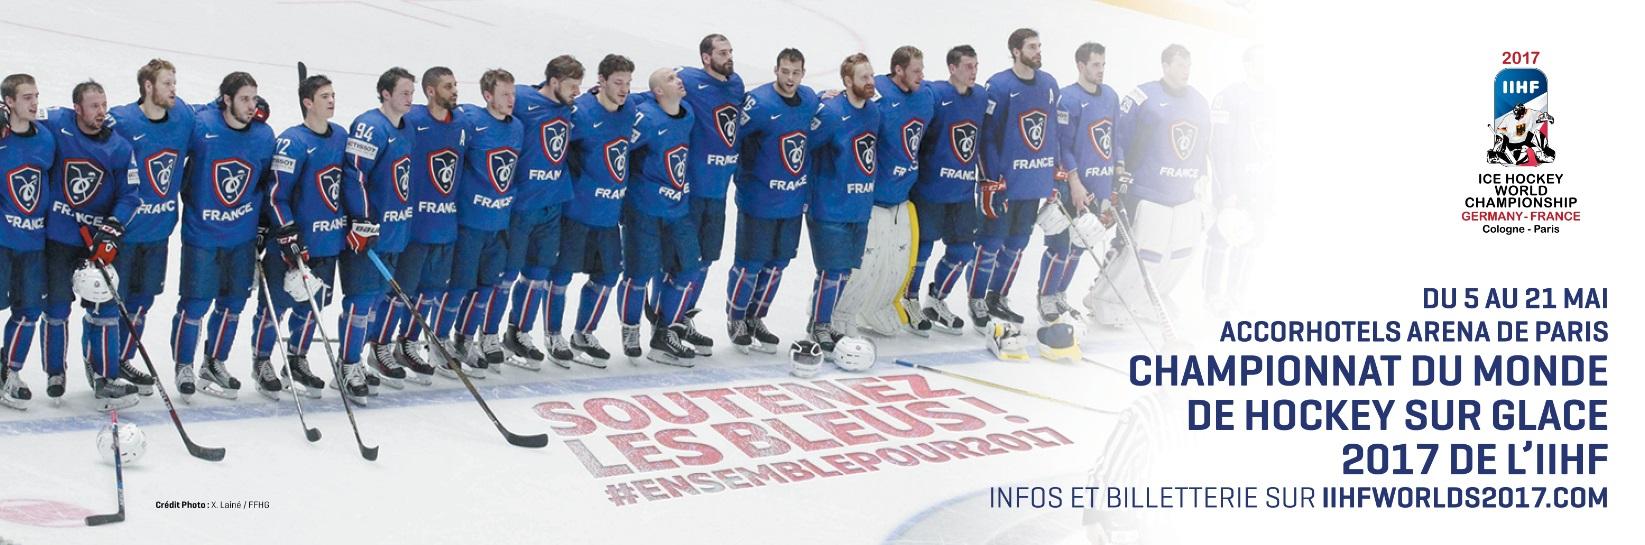 «Soutenez les Bleus» – Championnat du Monde de Hockey sur Glace 2017 de l'IIHF